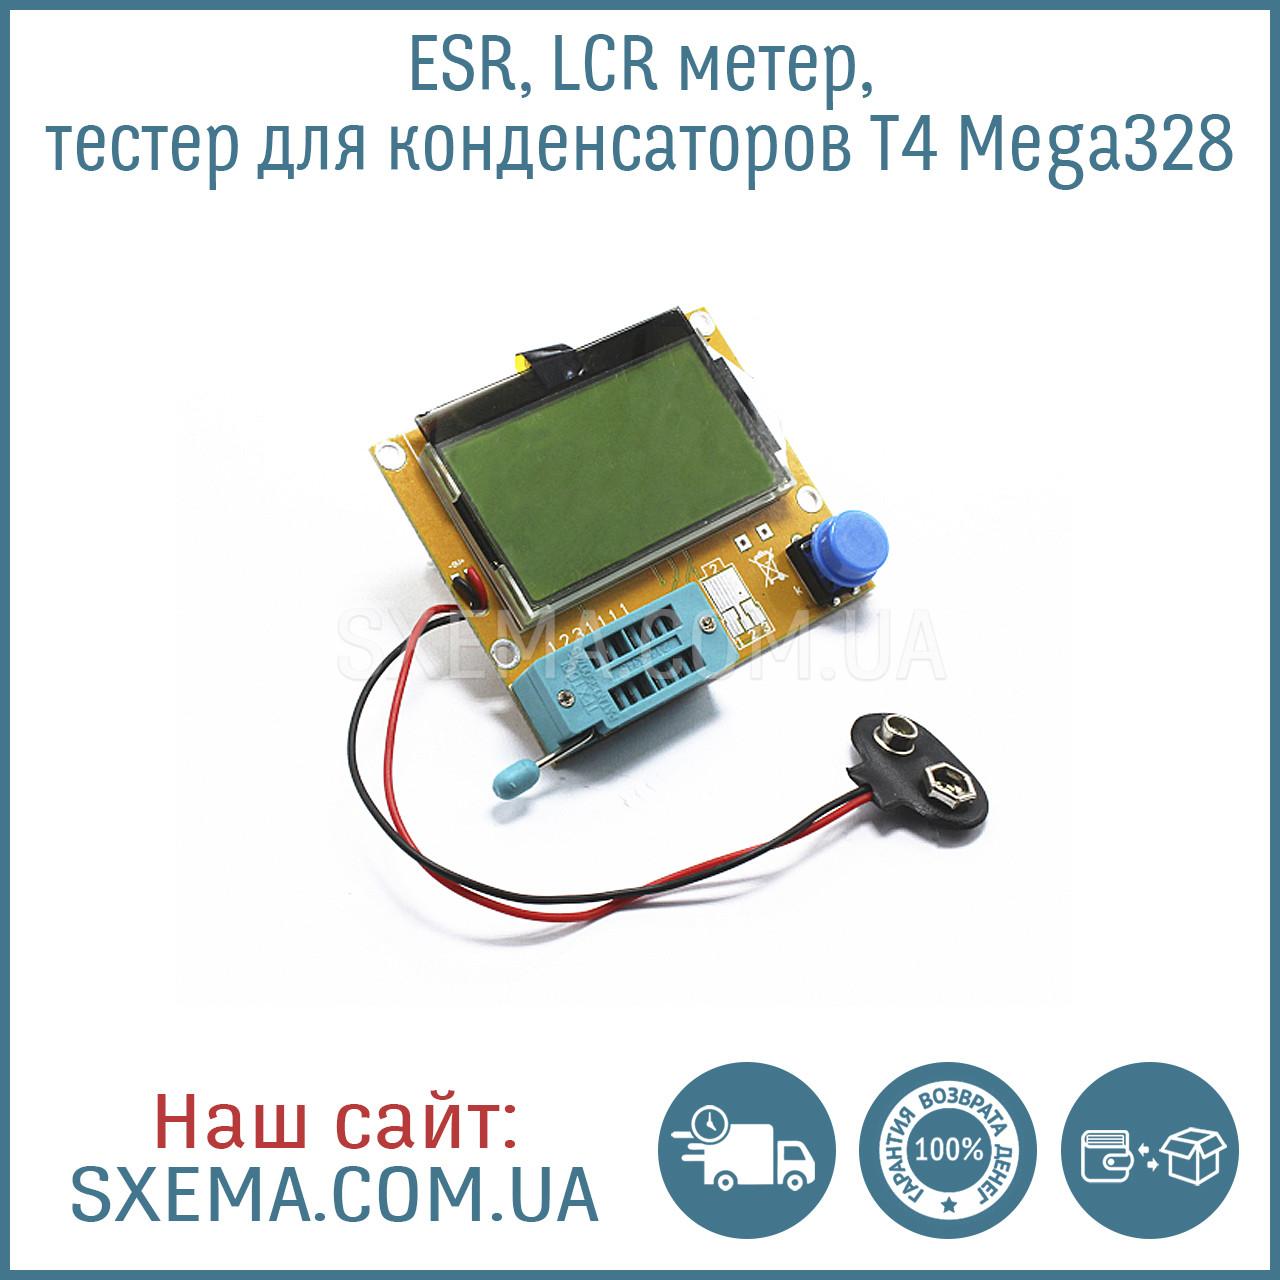 ESR, LCR метер T4 Mega328, тестер для конденсаторов (Англ. прошивка)